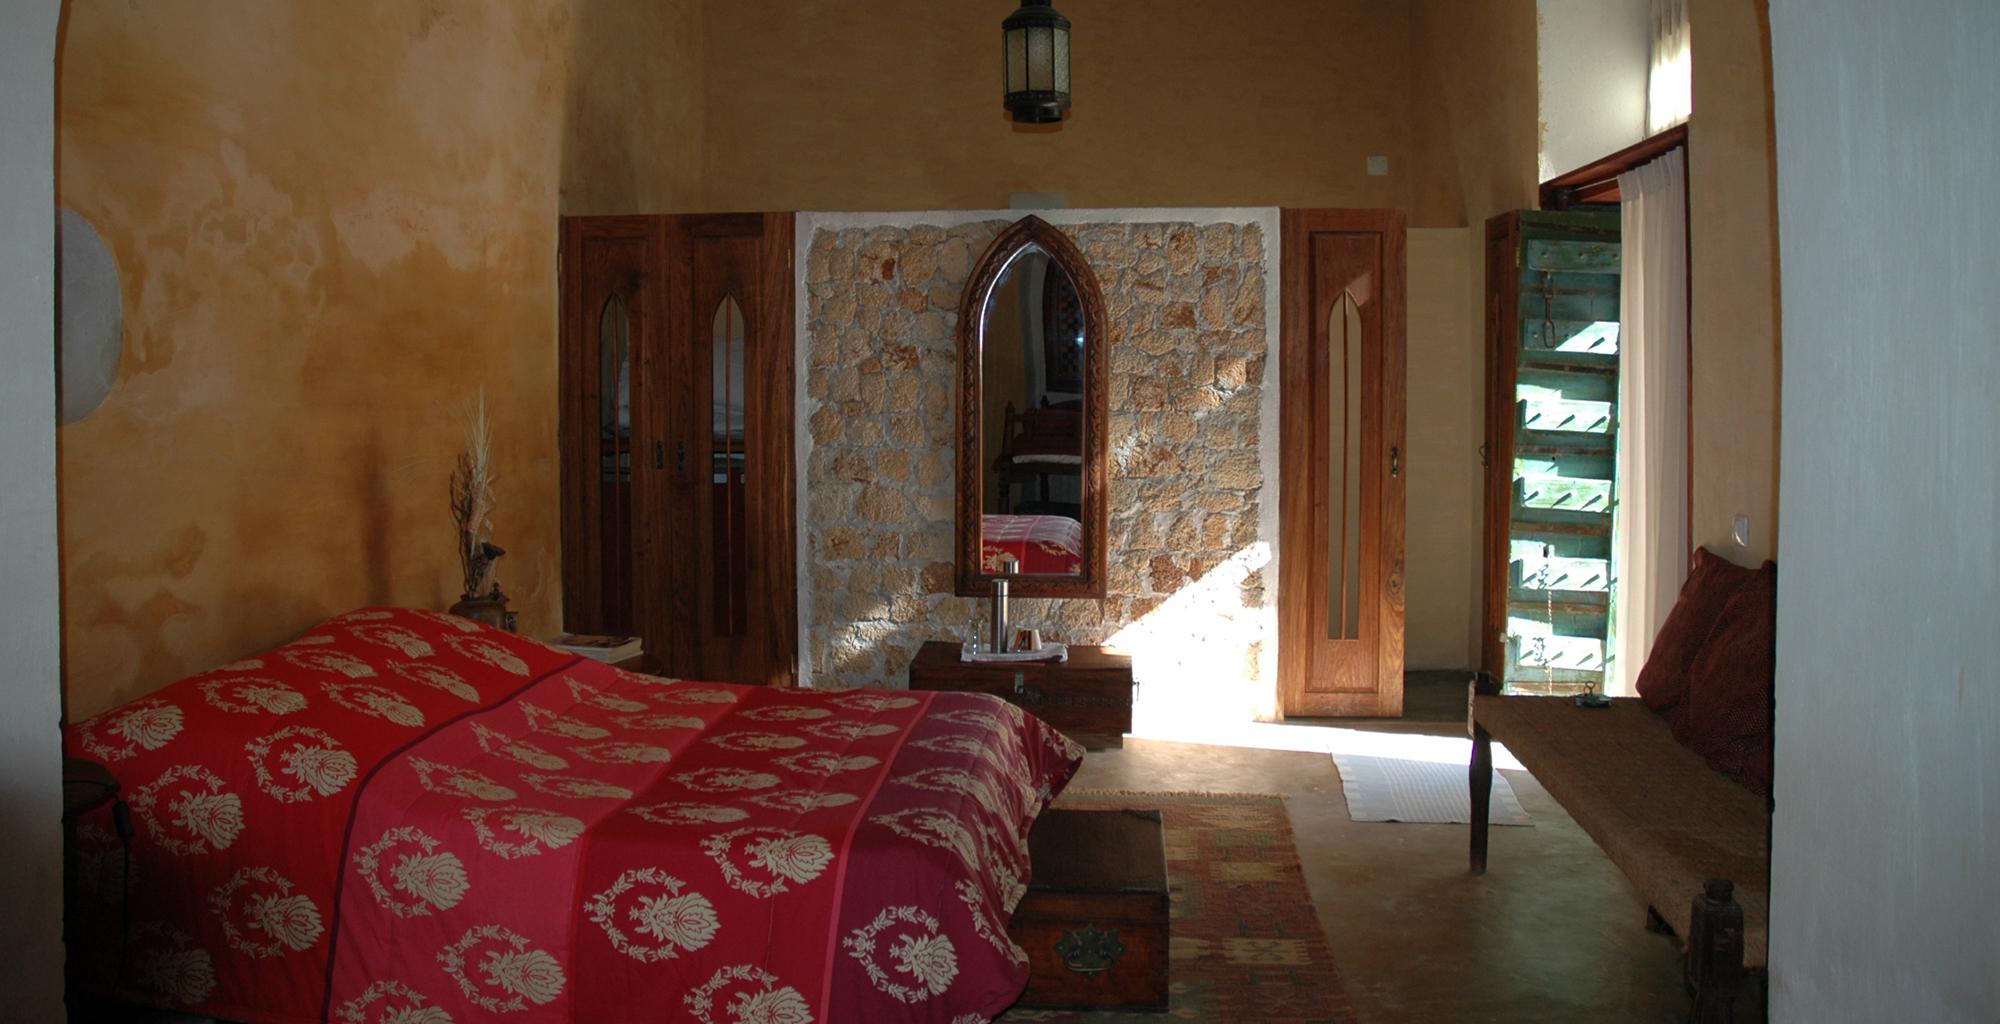 Mozambique-Terraco-Das-Quitandas-Bedroom